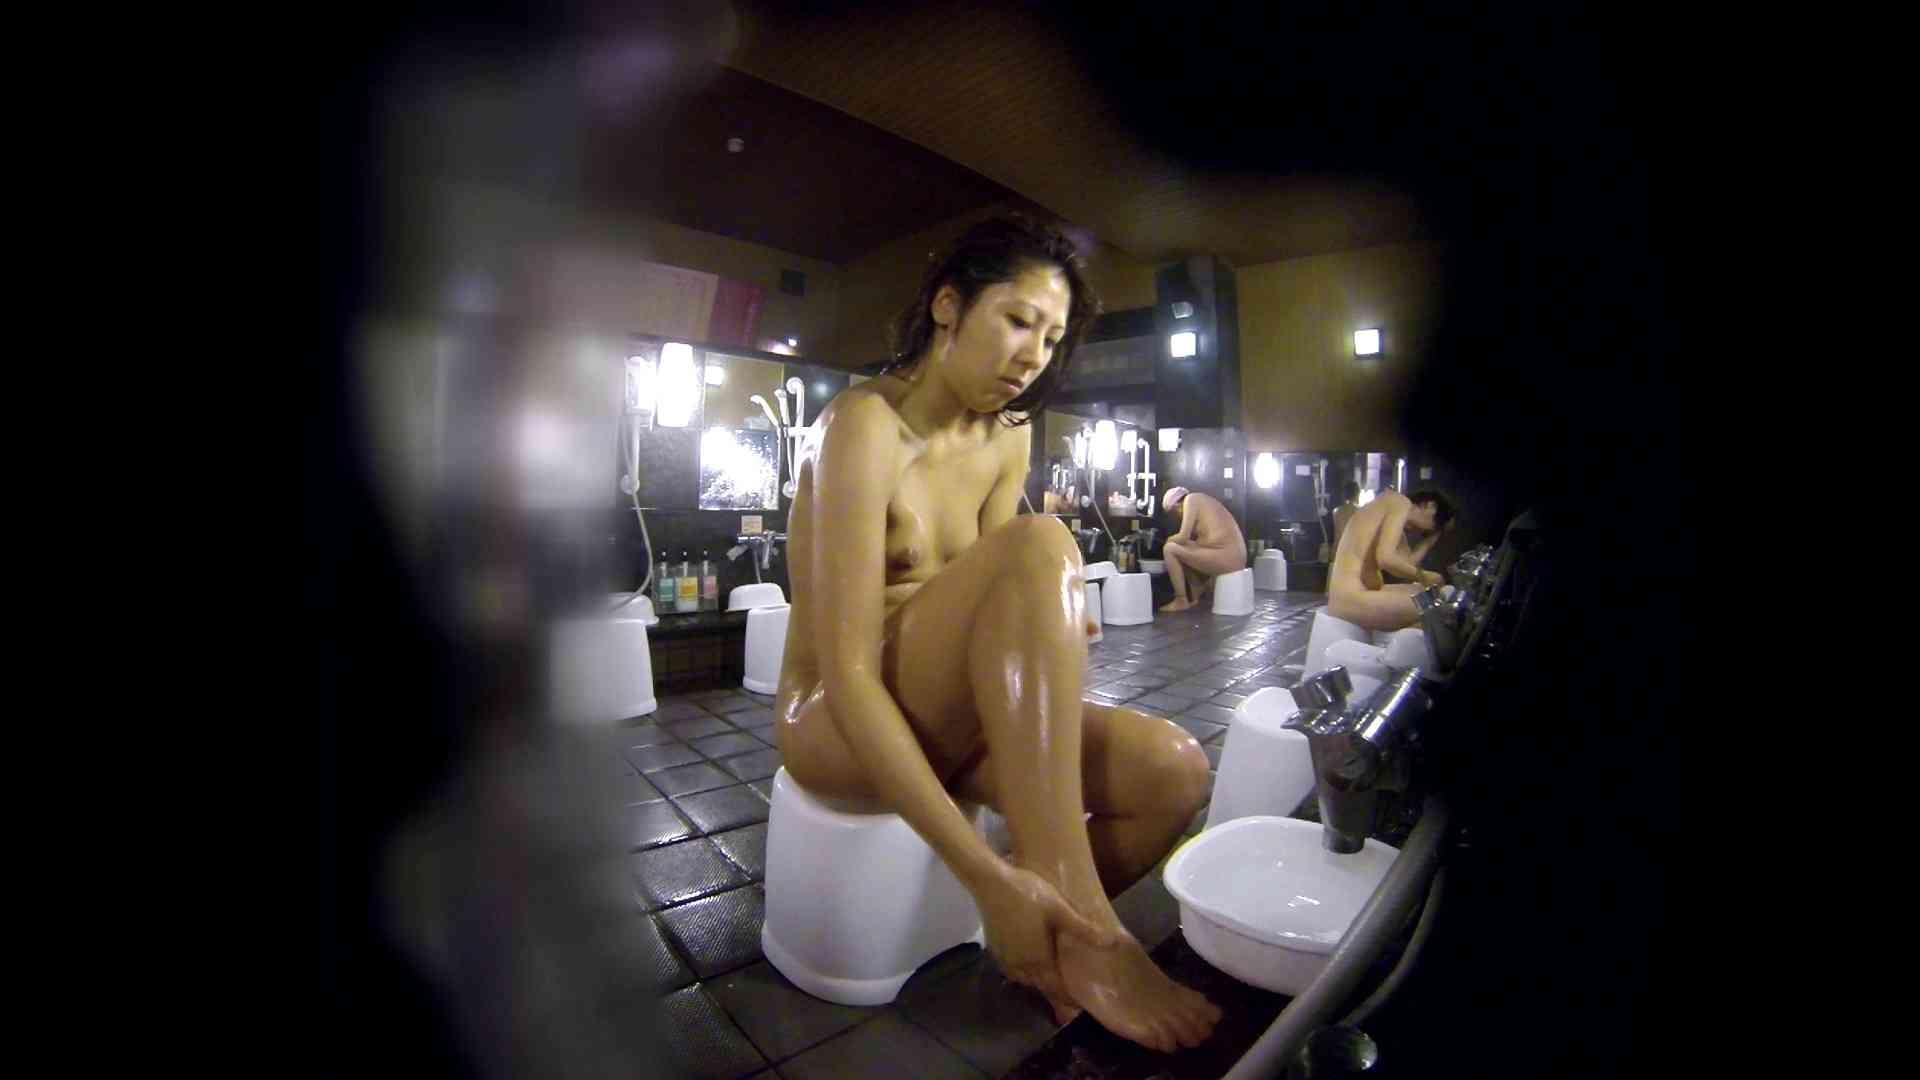 洗い場!綺麗に整えられた陰毛に嫉妬します。 銭湯のぞき ぱこり動画紹介 82画像 47